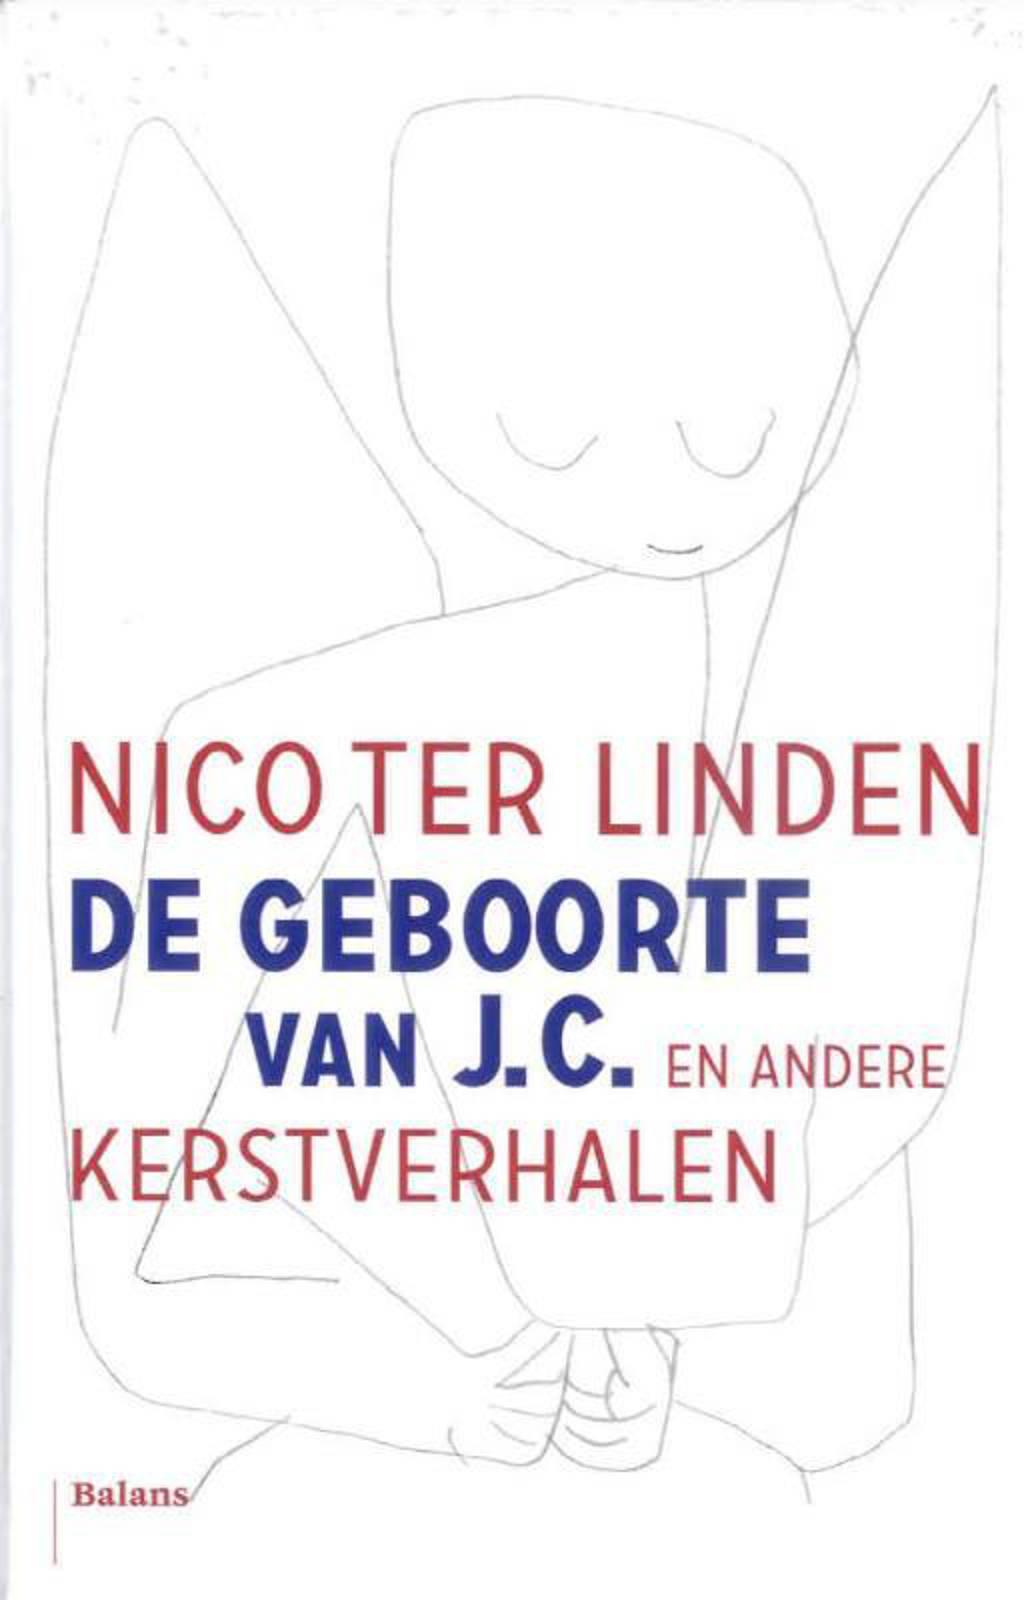 De geboorte van J.C. 5 ex. - Nico ter Linden